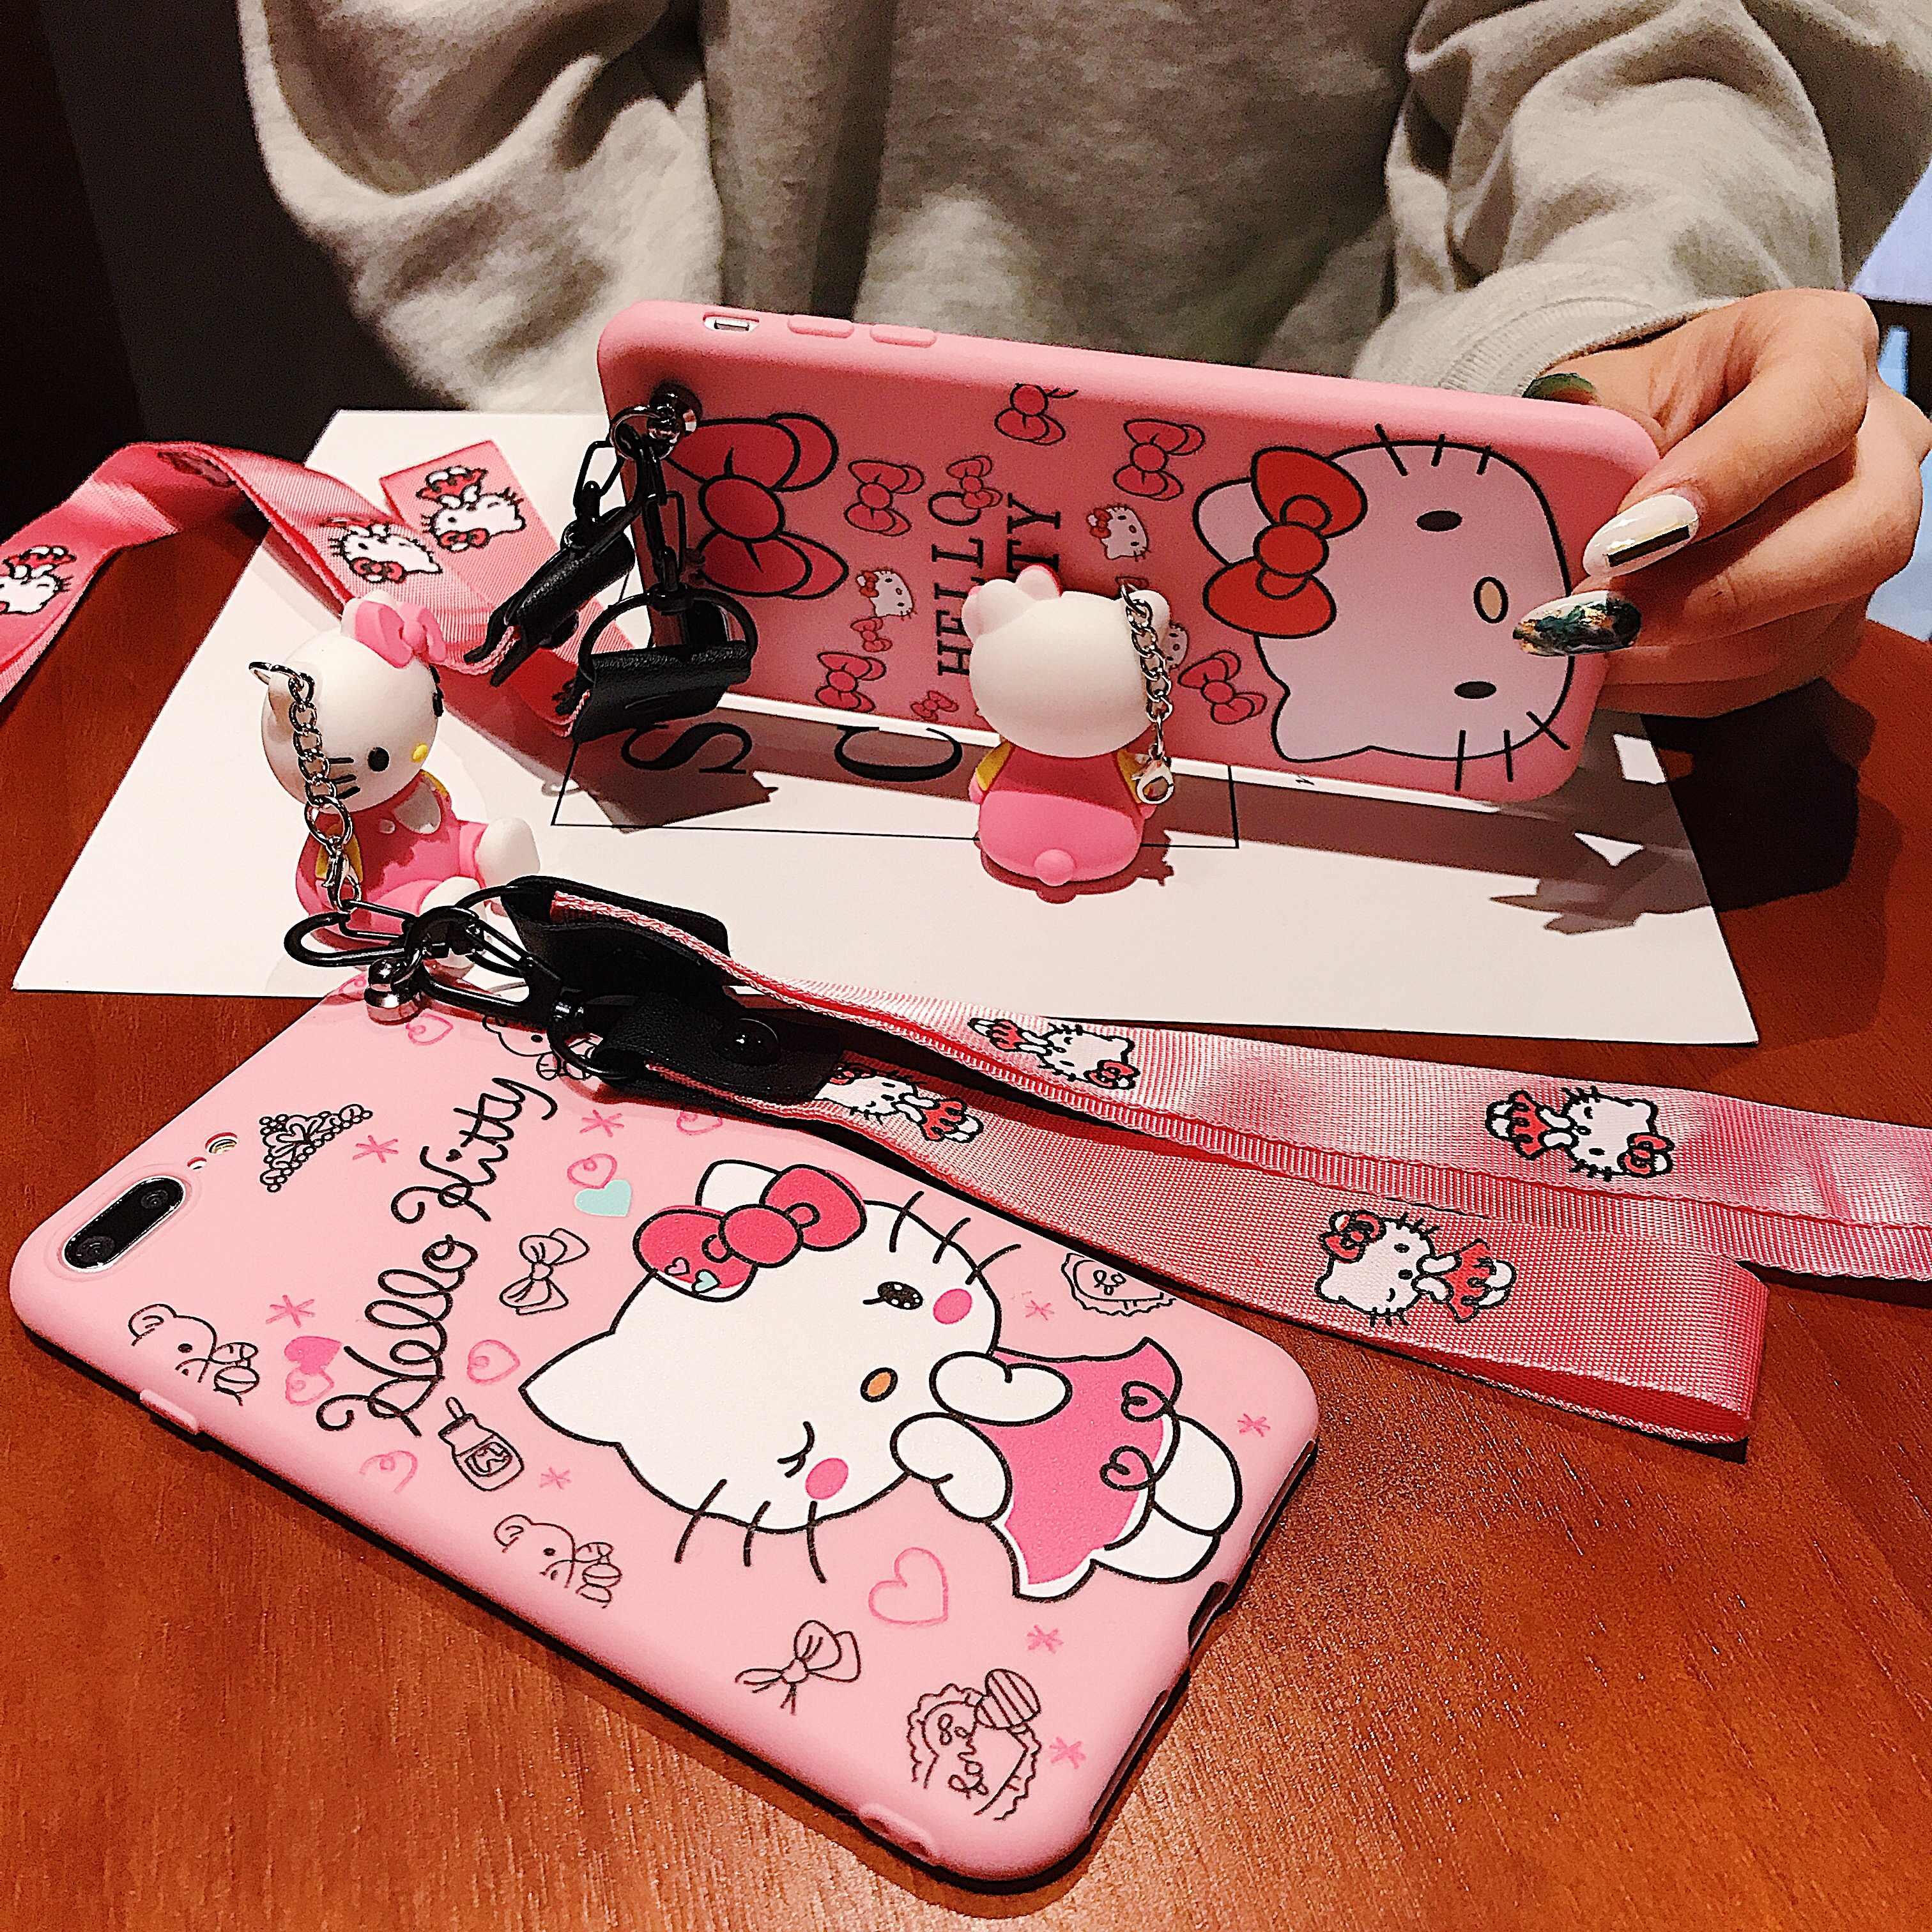 Nota 8 Pro suave silicona de Hello Kitty correa de teléfono soporte para Xiaomi A3 A2 8 9 Se Lite 9T Pro Redmi 5 Plus 67A Nota 4X6 7